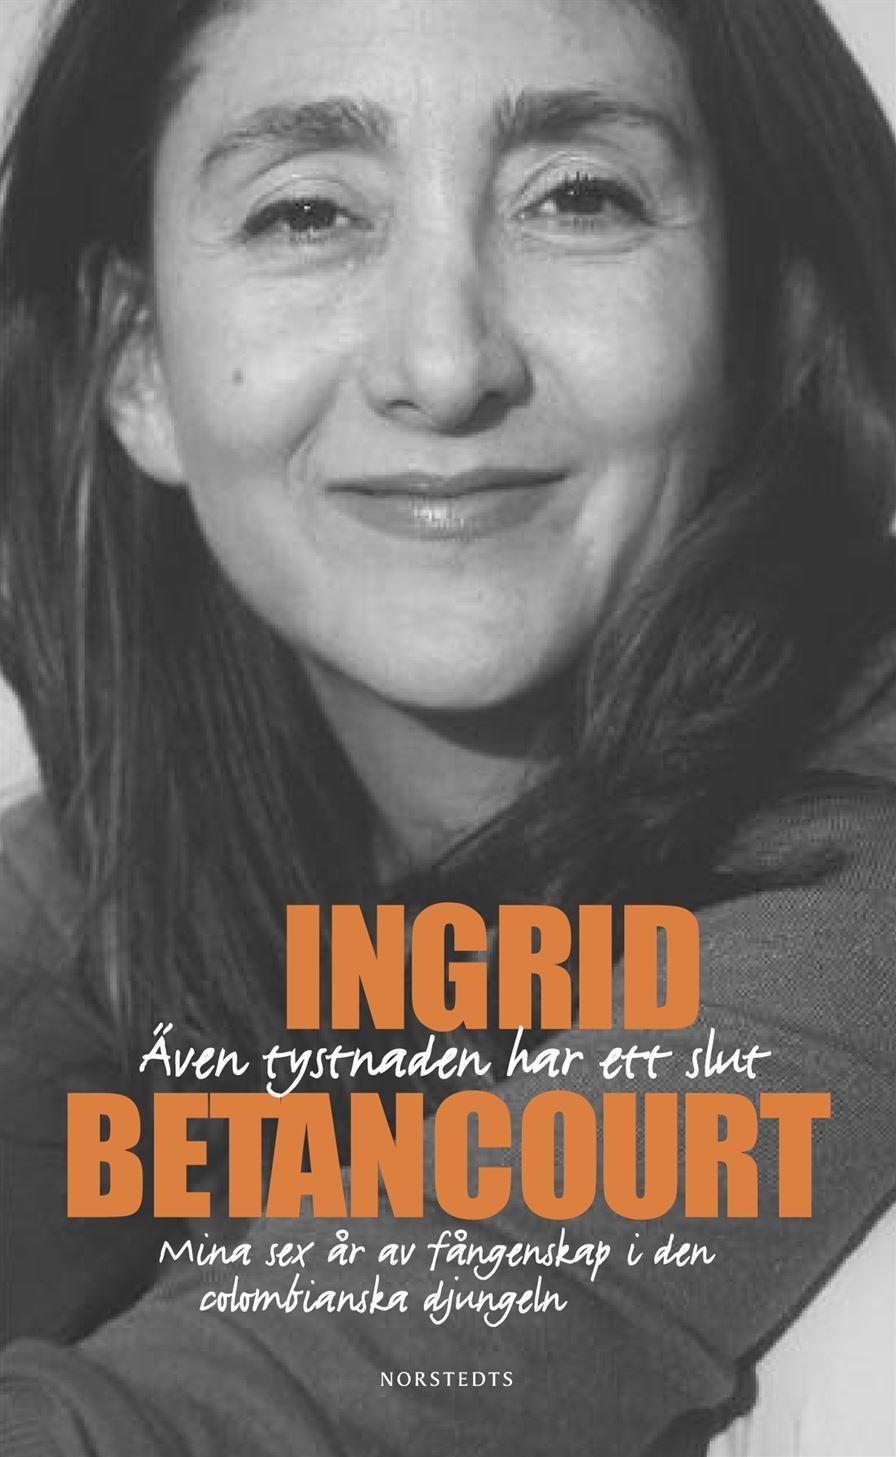 Även tystnaden har ett slut av Ingrid Betancourt